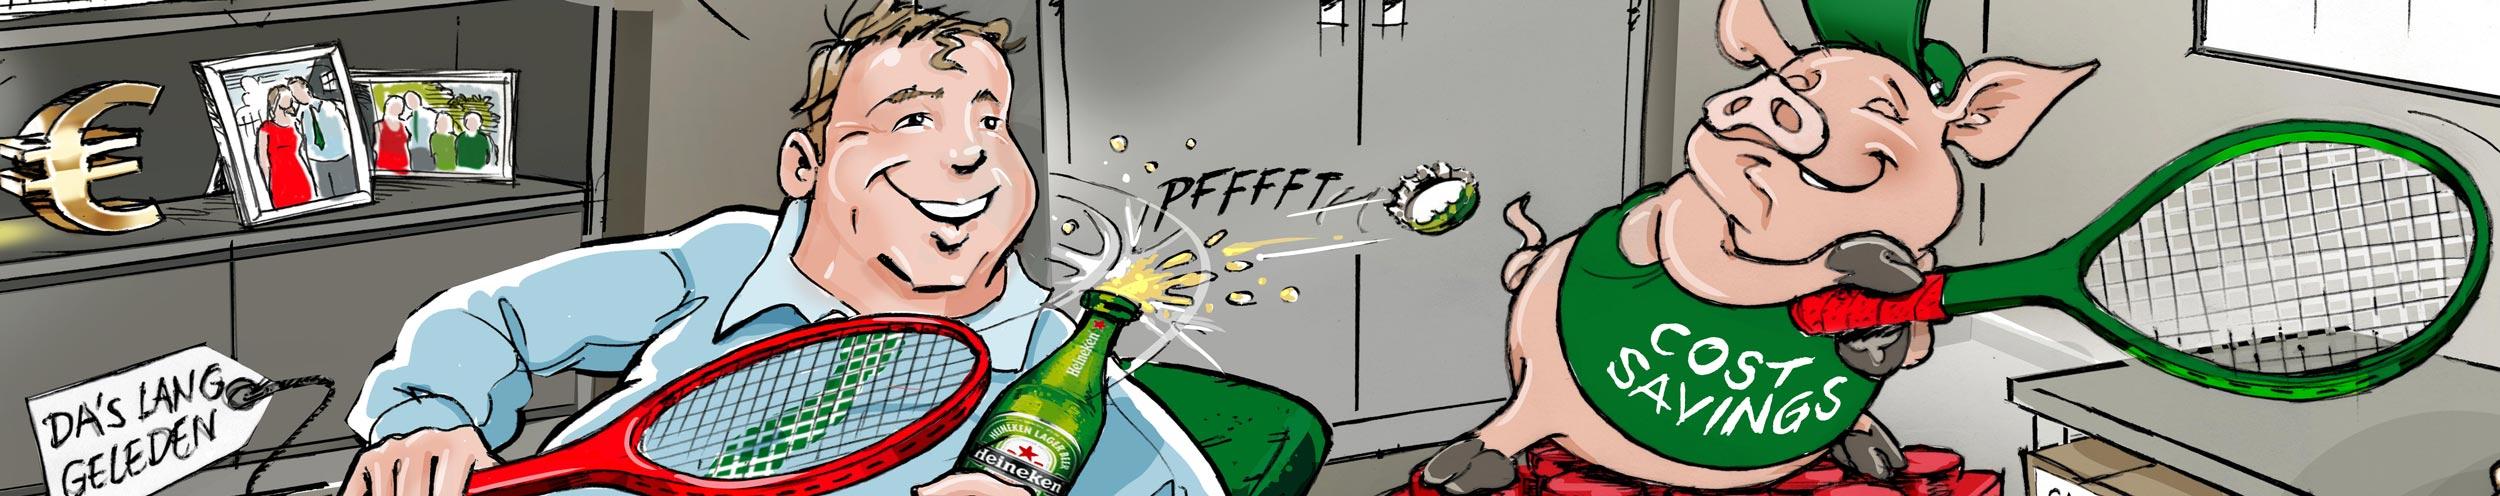 karikatuur-cadeau-banner-Heineken-2